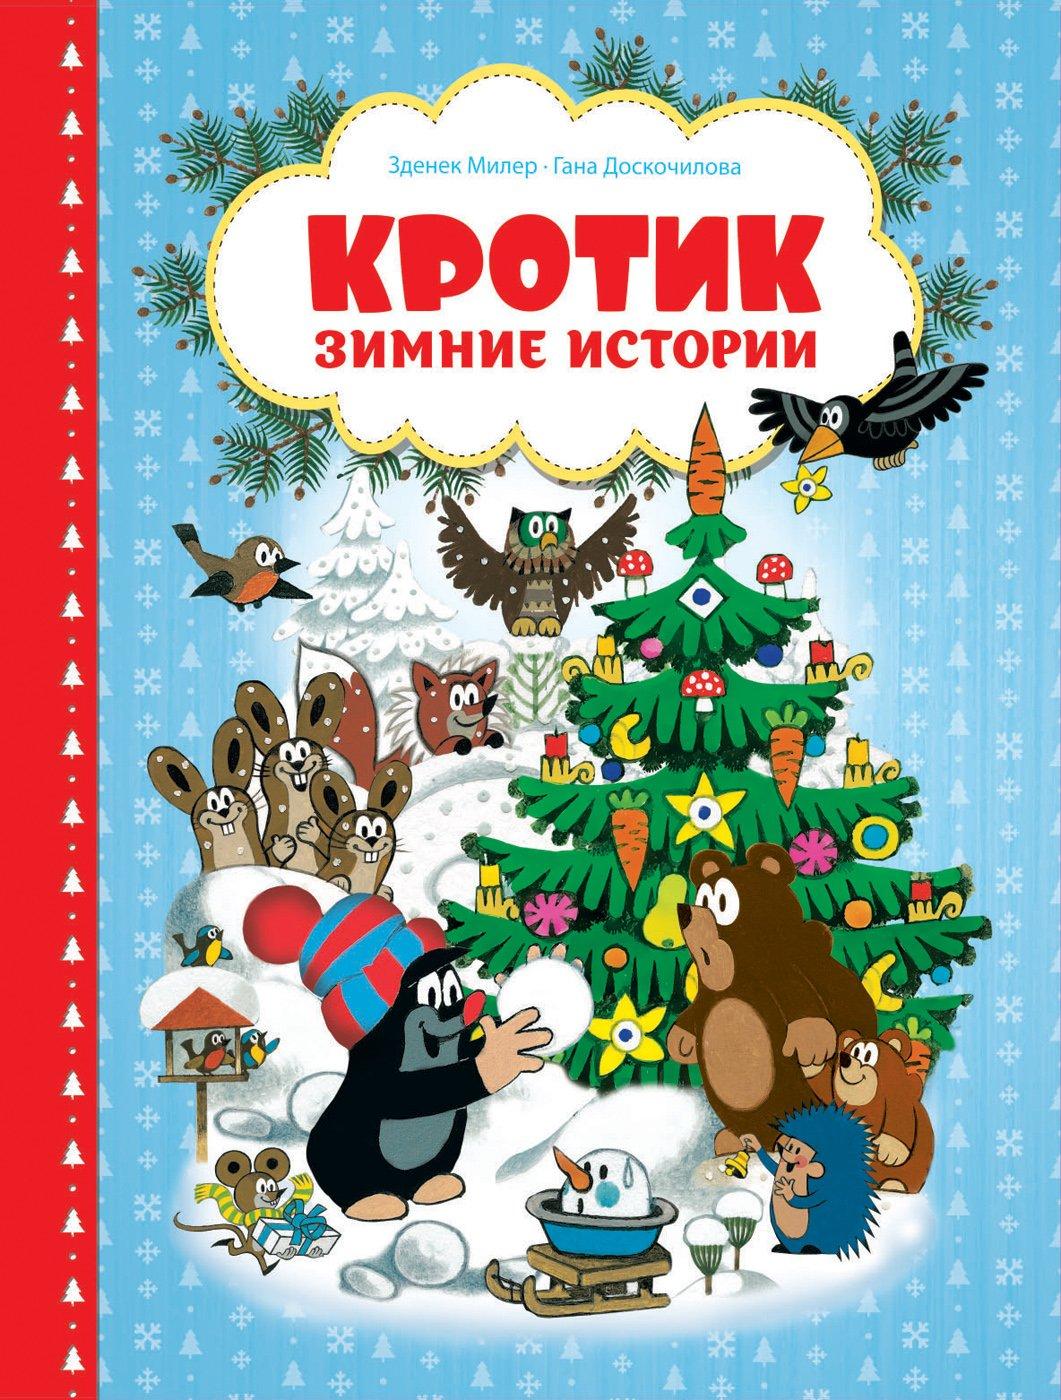 Милер З. Кротик. Зимние истории